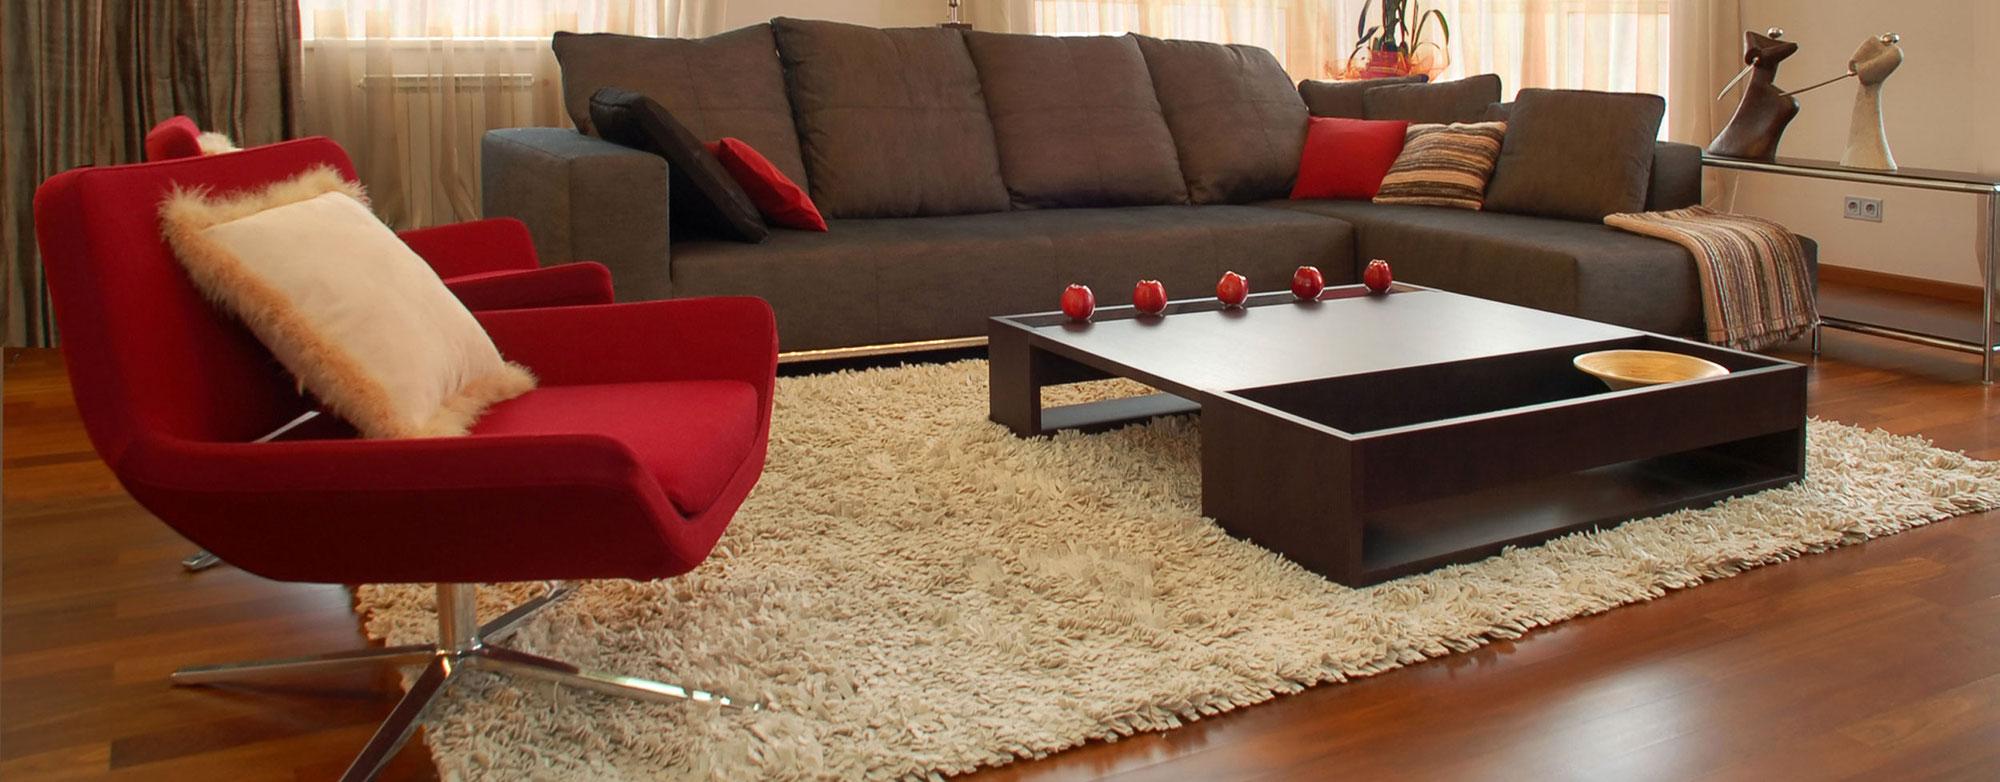 Fabricantes de muebles mafesa for Almacenes de muebles en bogota 12 de octubre